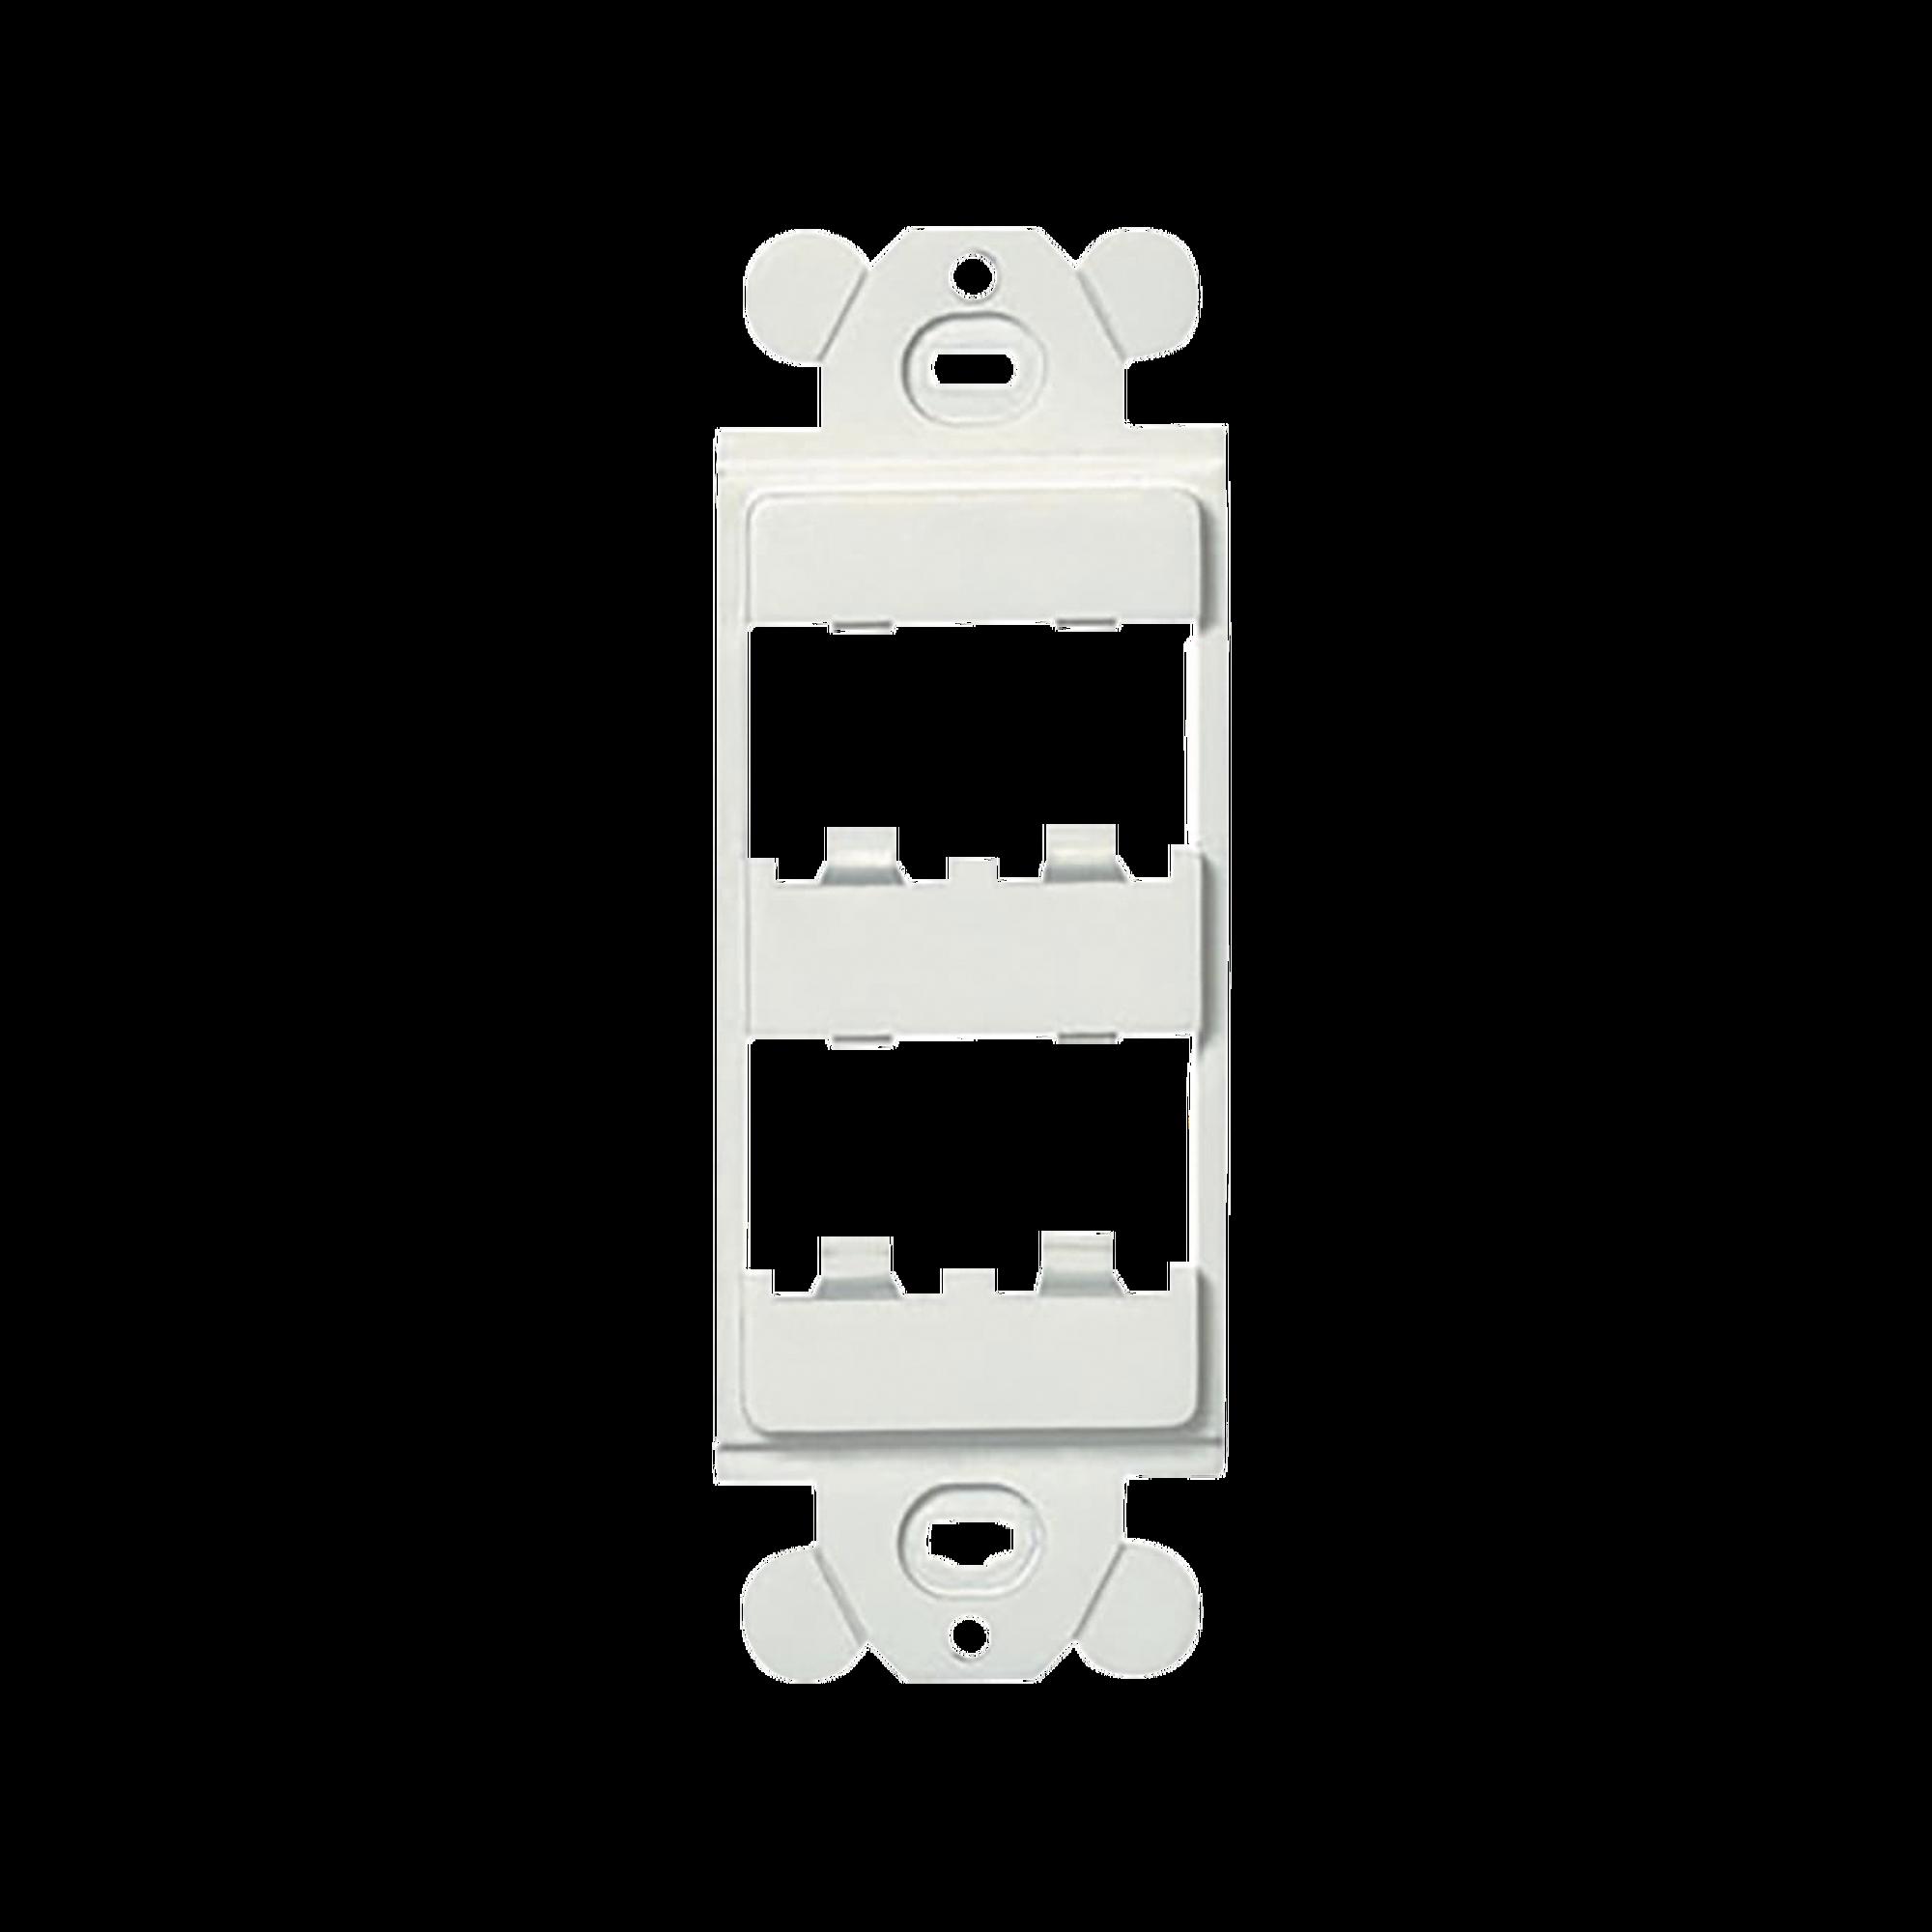 Marco de Modulo Duplex, Para Placas Frontales Estándar GFCI, Acepta 4 Modulos Mini-Com, Color Blanco